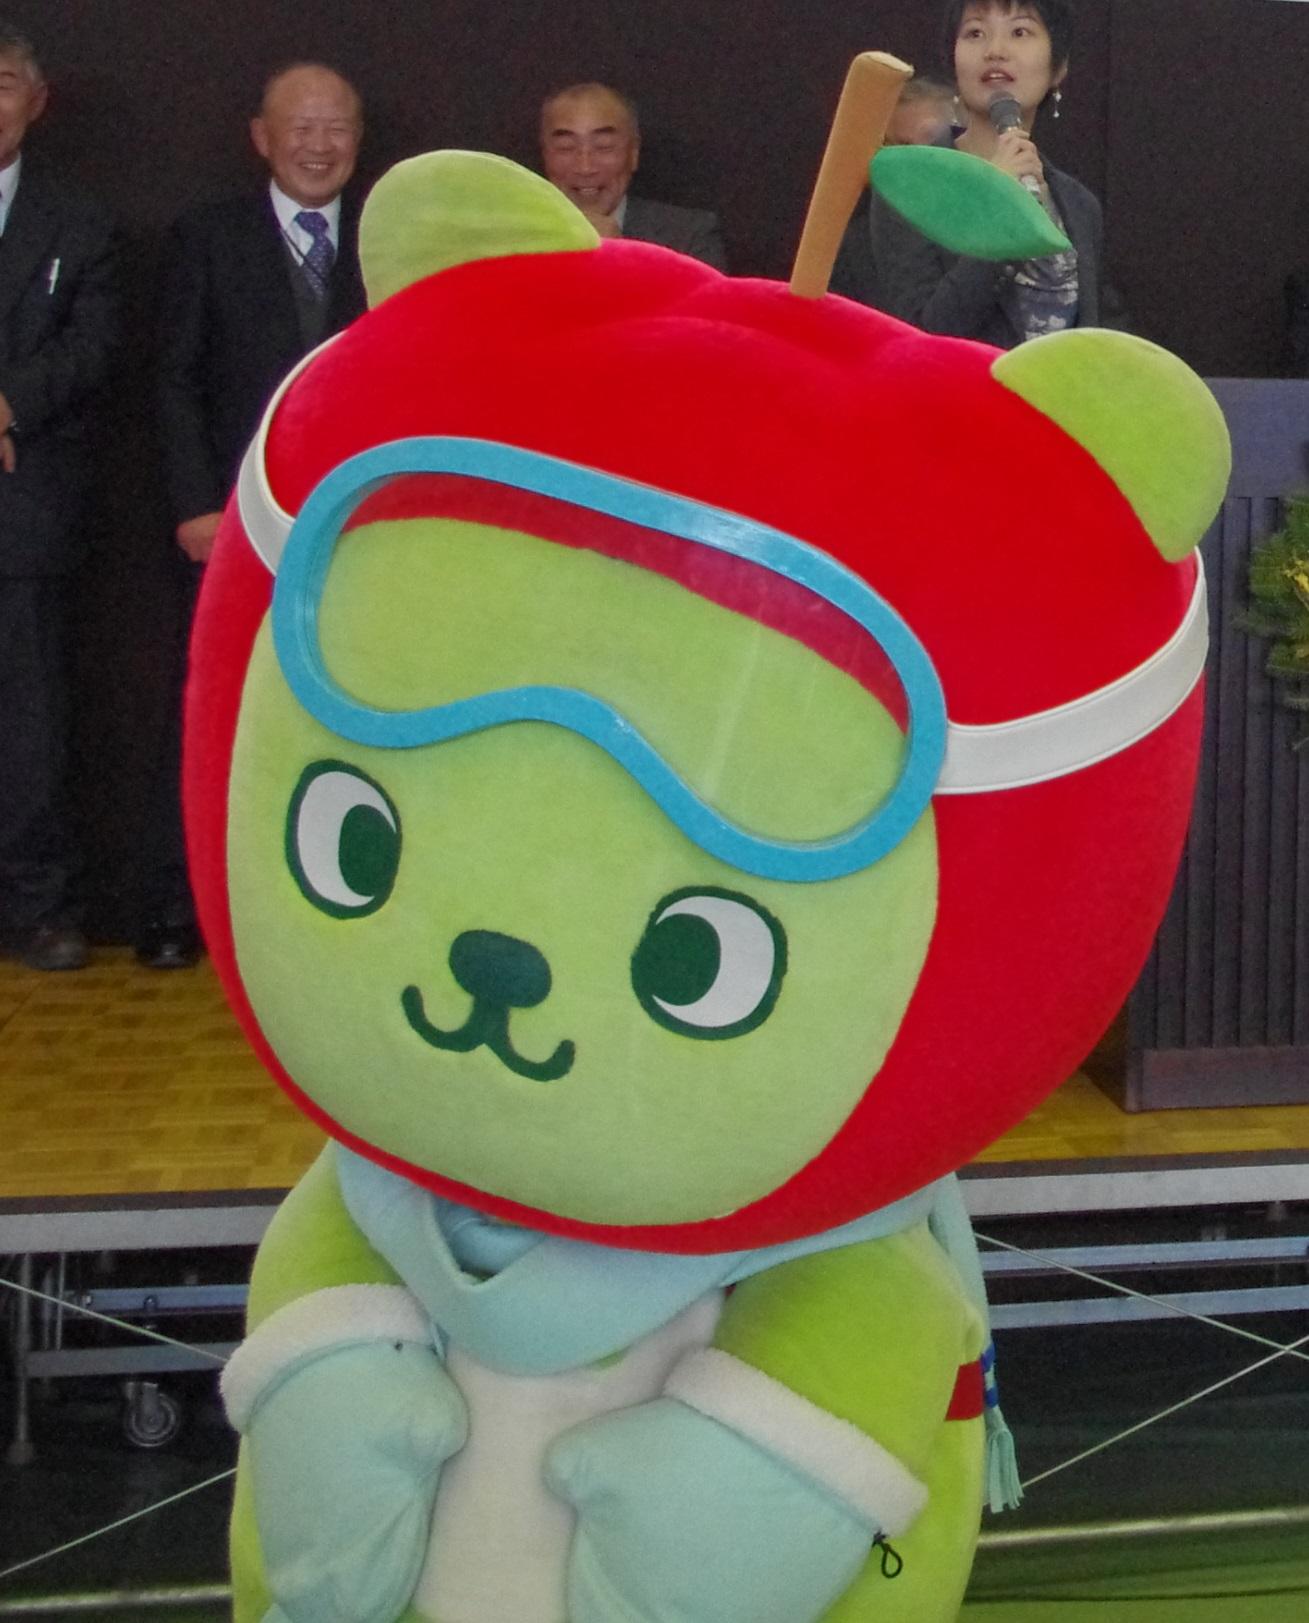 【2014ワインまつり情報2】ワインまつりにアルクマ・旬ちゃんがやってくる!